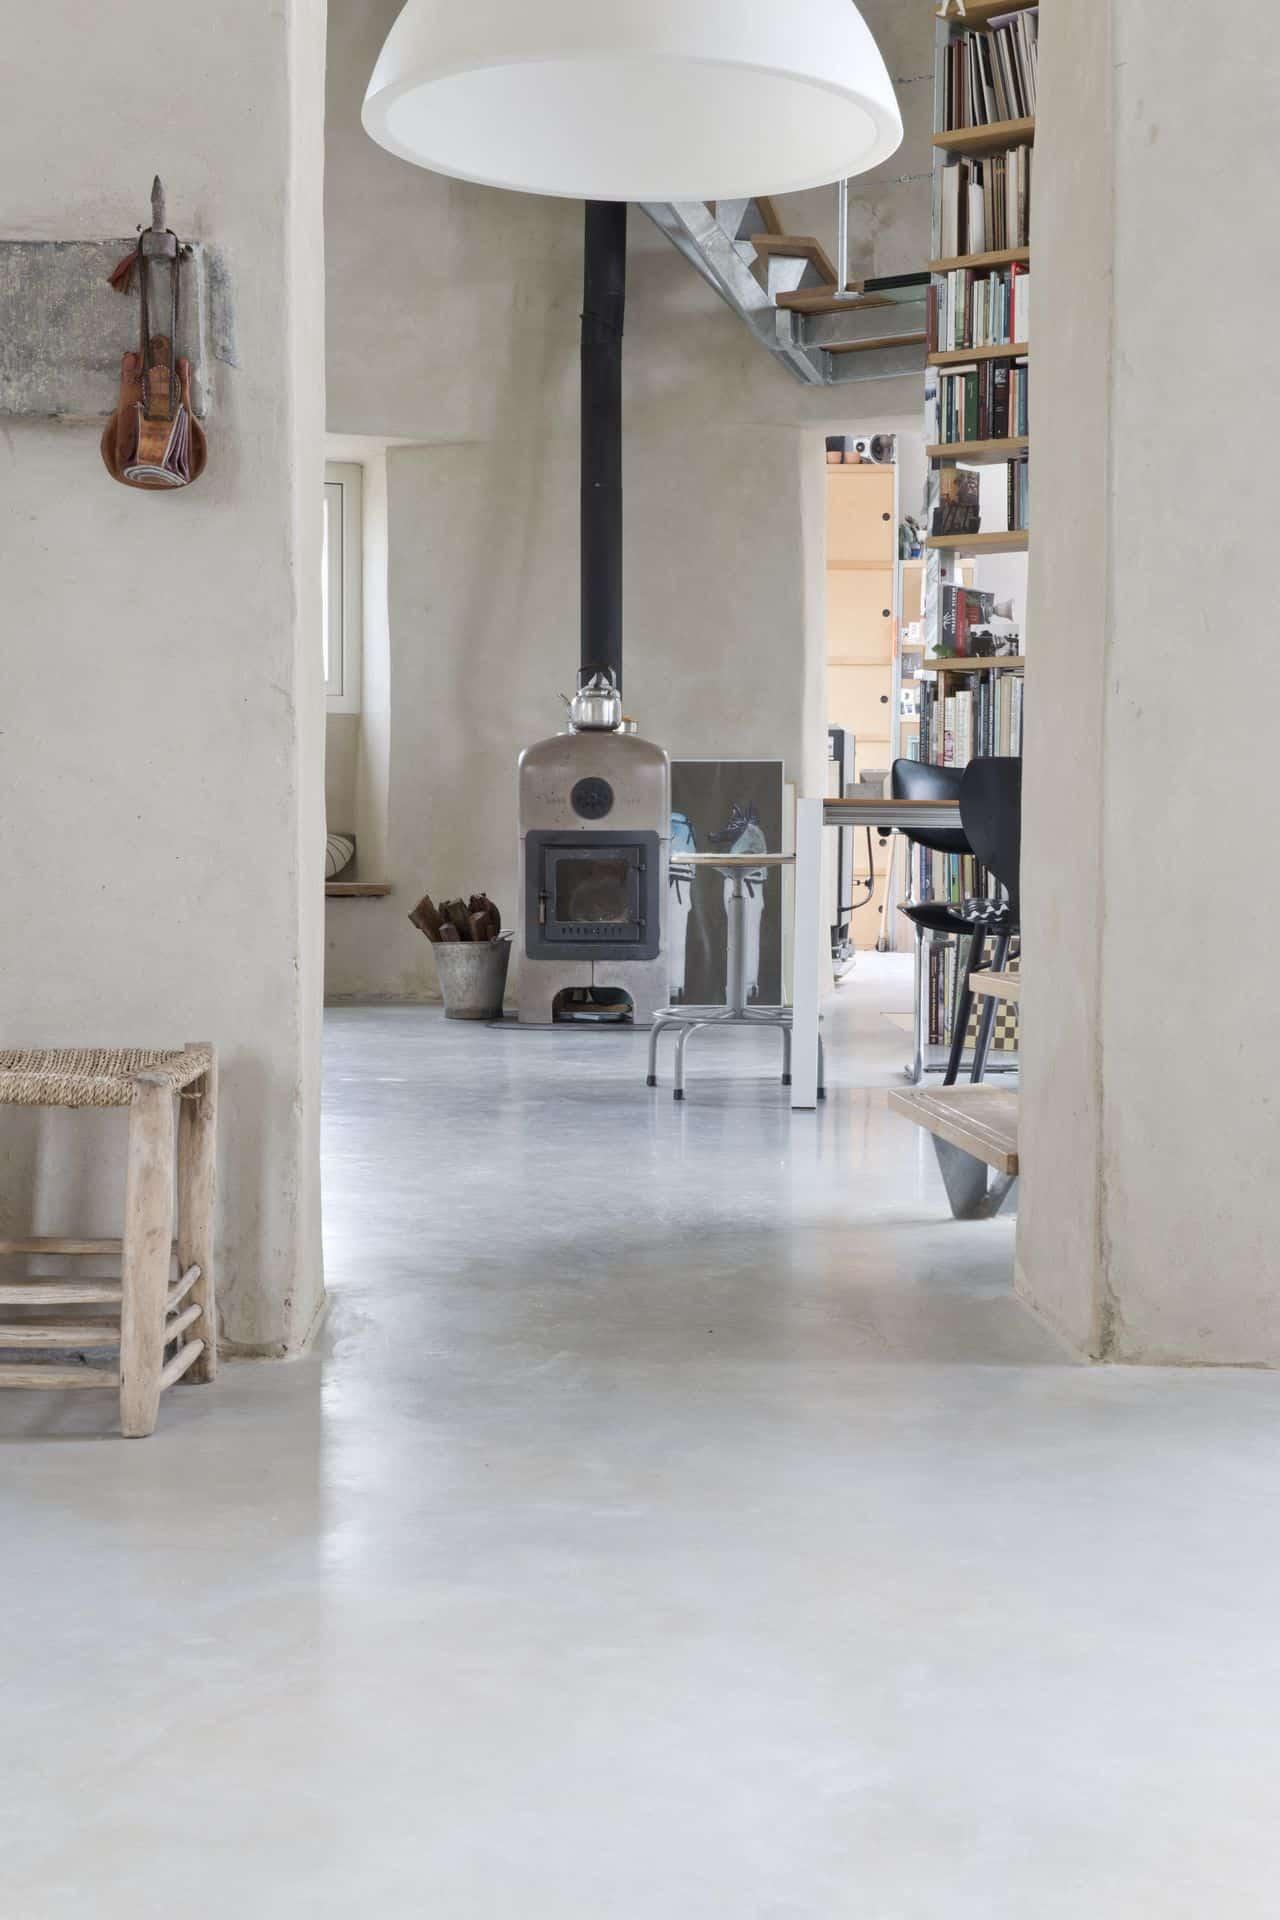 gevlinderde woonbetonvloer, woonbeton, gevlinderd beton, monolitisch afgewerkte betonvloer